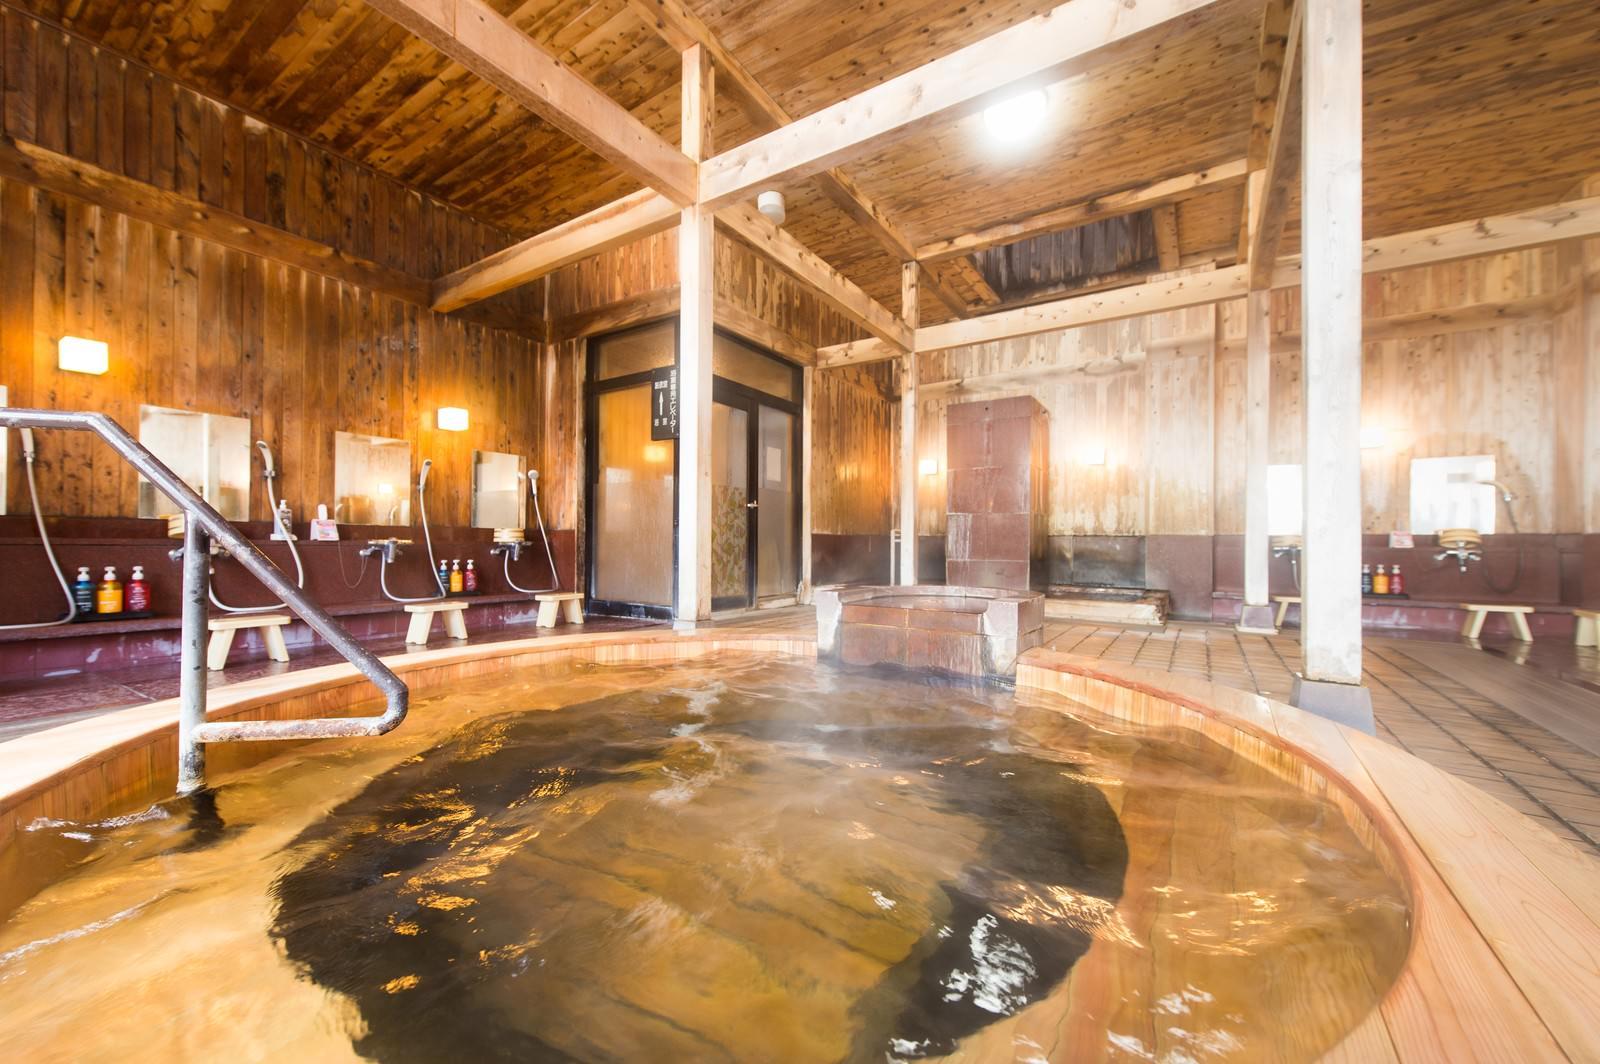 「ラグジュアリーな湯浴みを予感させる源泉かけ流し温泉」の写真